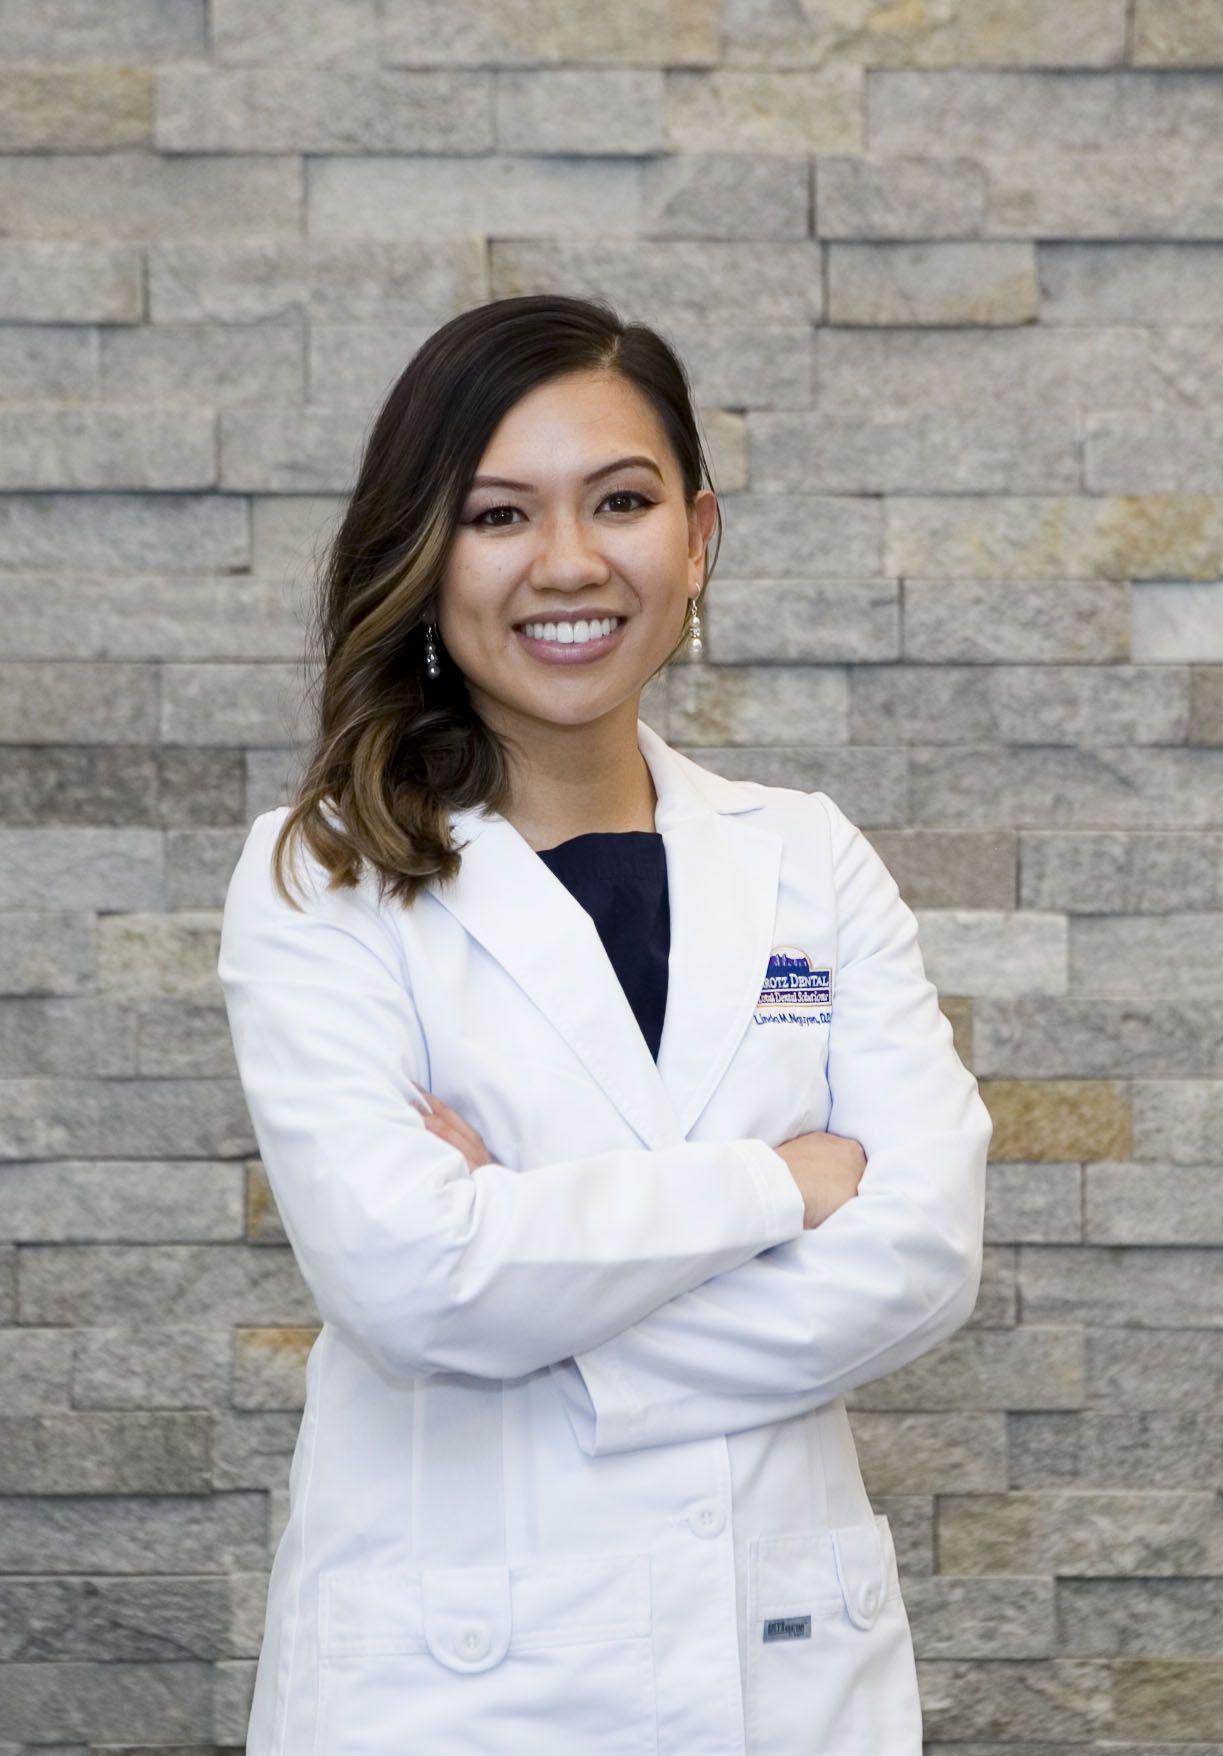 Dr. Linda M. Nguyen